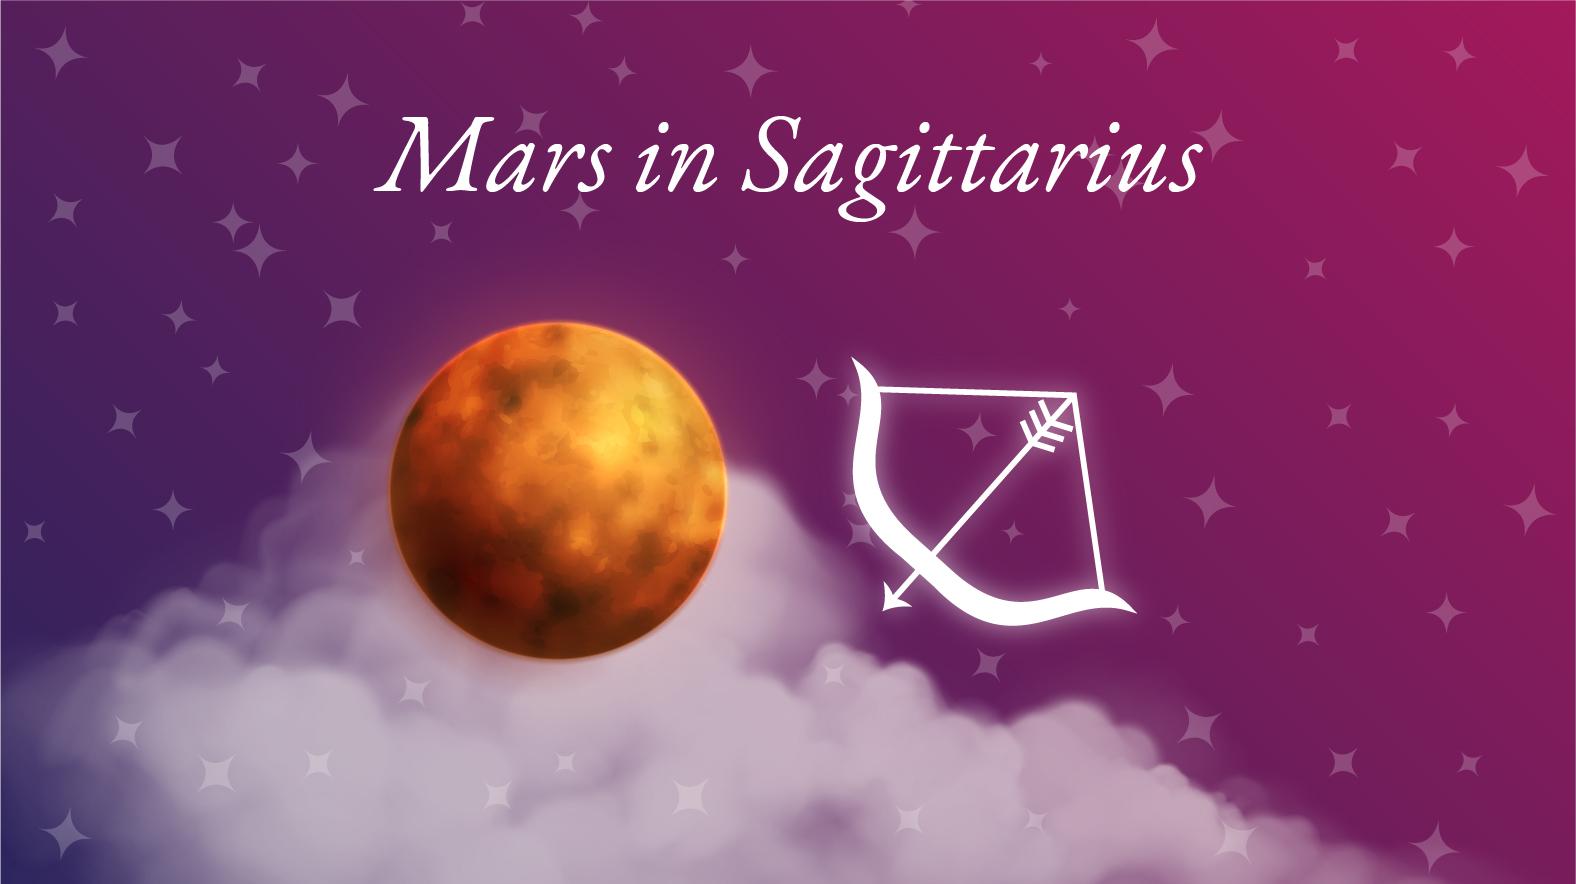 Mars in Sagittarius Meaning